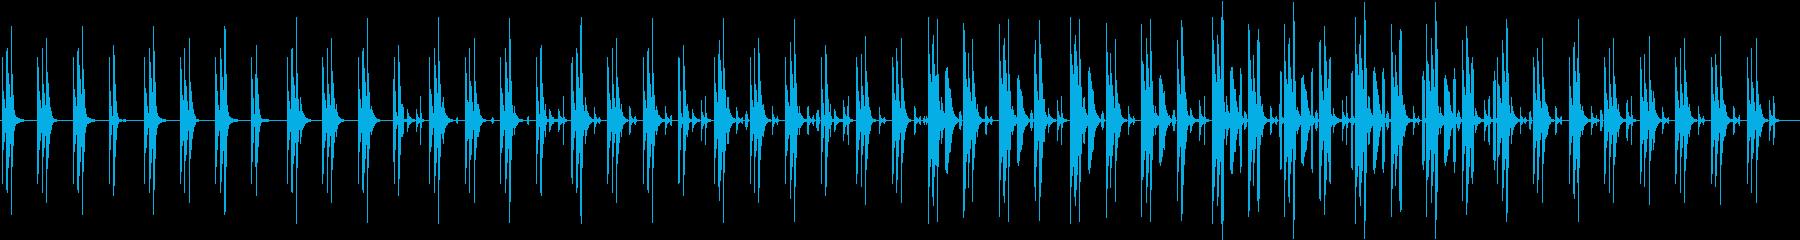 同じフレーズが繰り返される可愛らしい曲の再生済みの波形